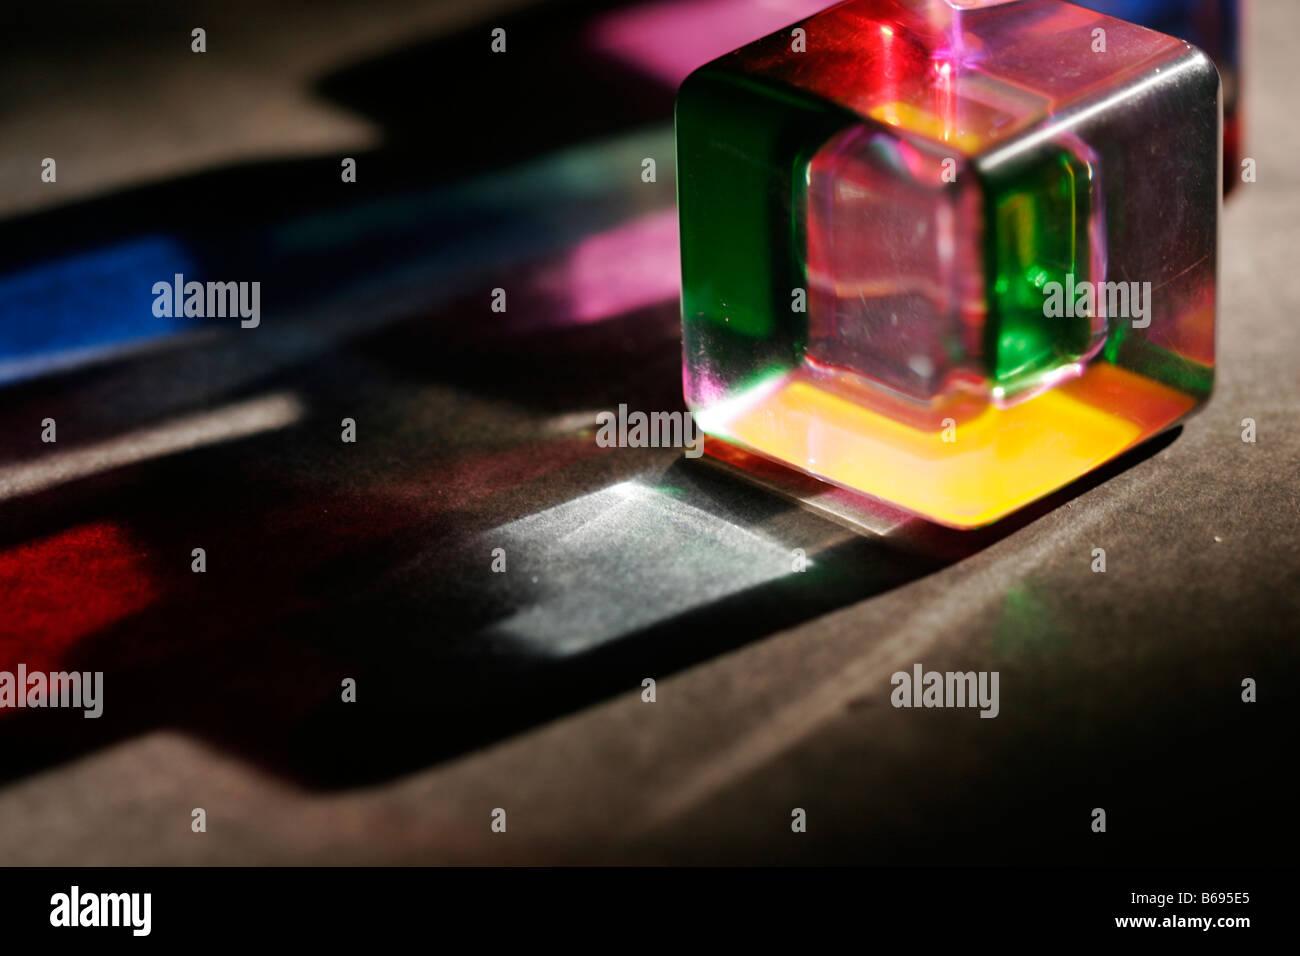 Colorato cubo acrilico con la luce che risplende con colori che spuntano nella tabella Immagini Stock